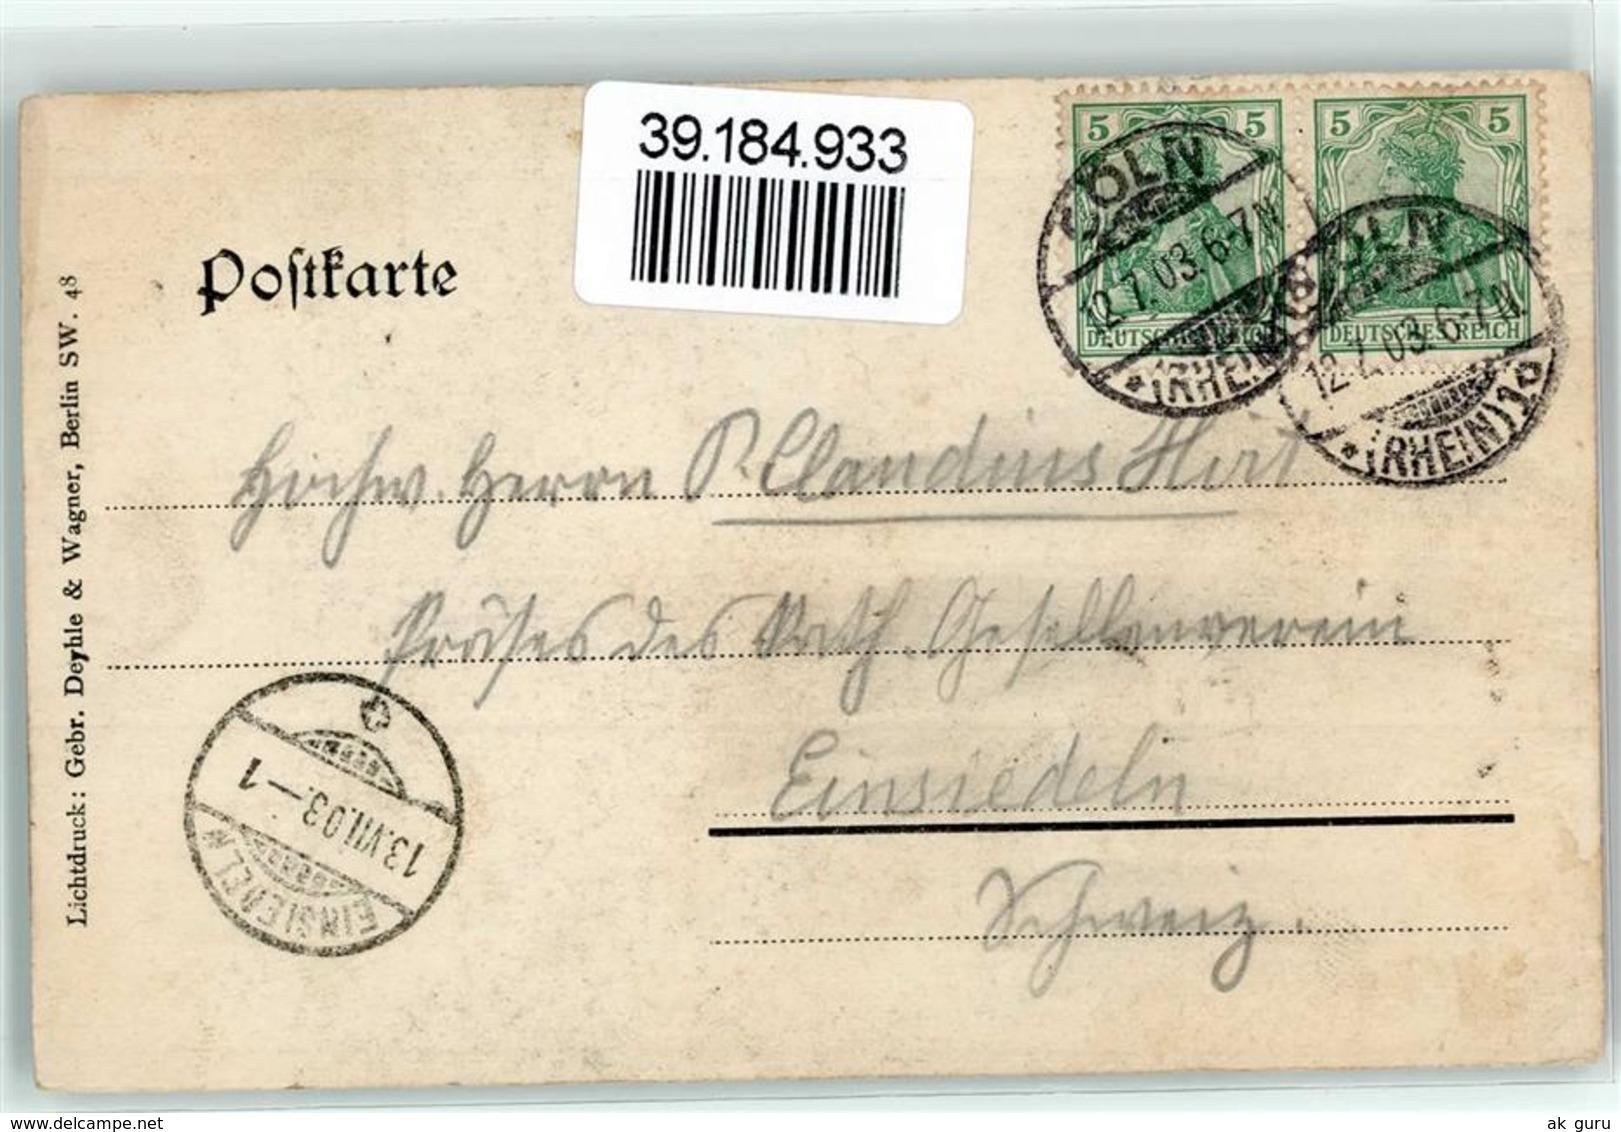 39184933 - Kolping Denkmal In Koeln AK - Denkmäler